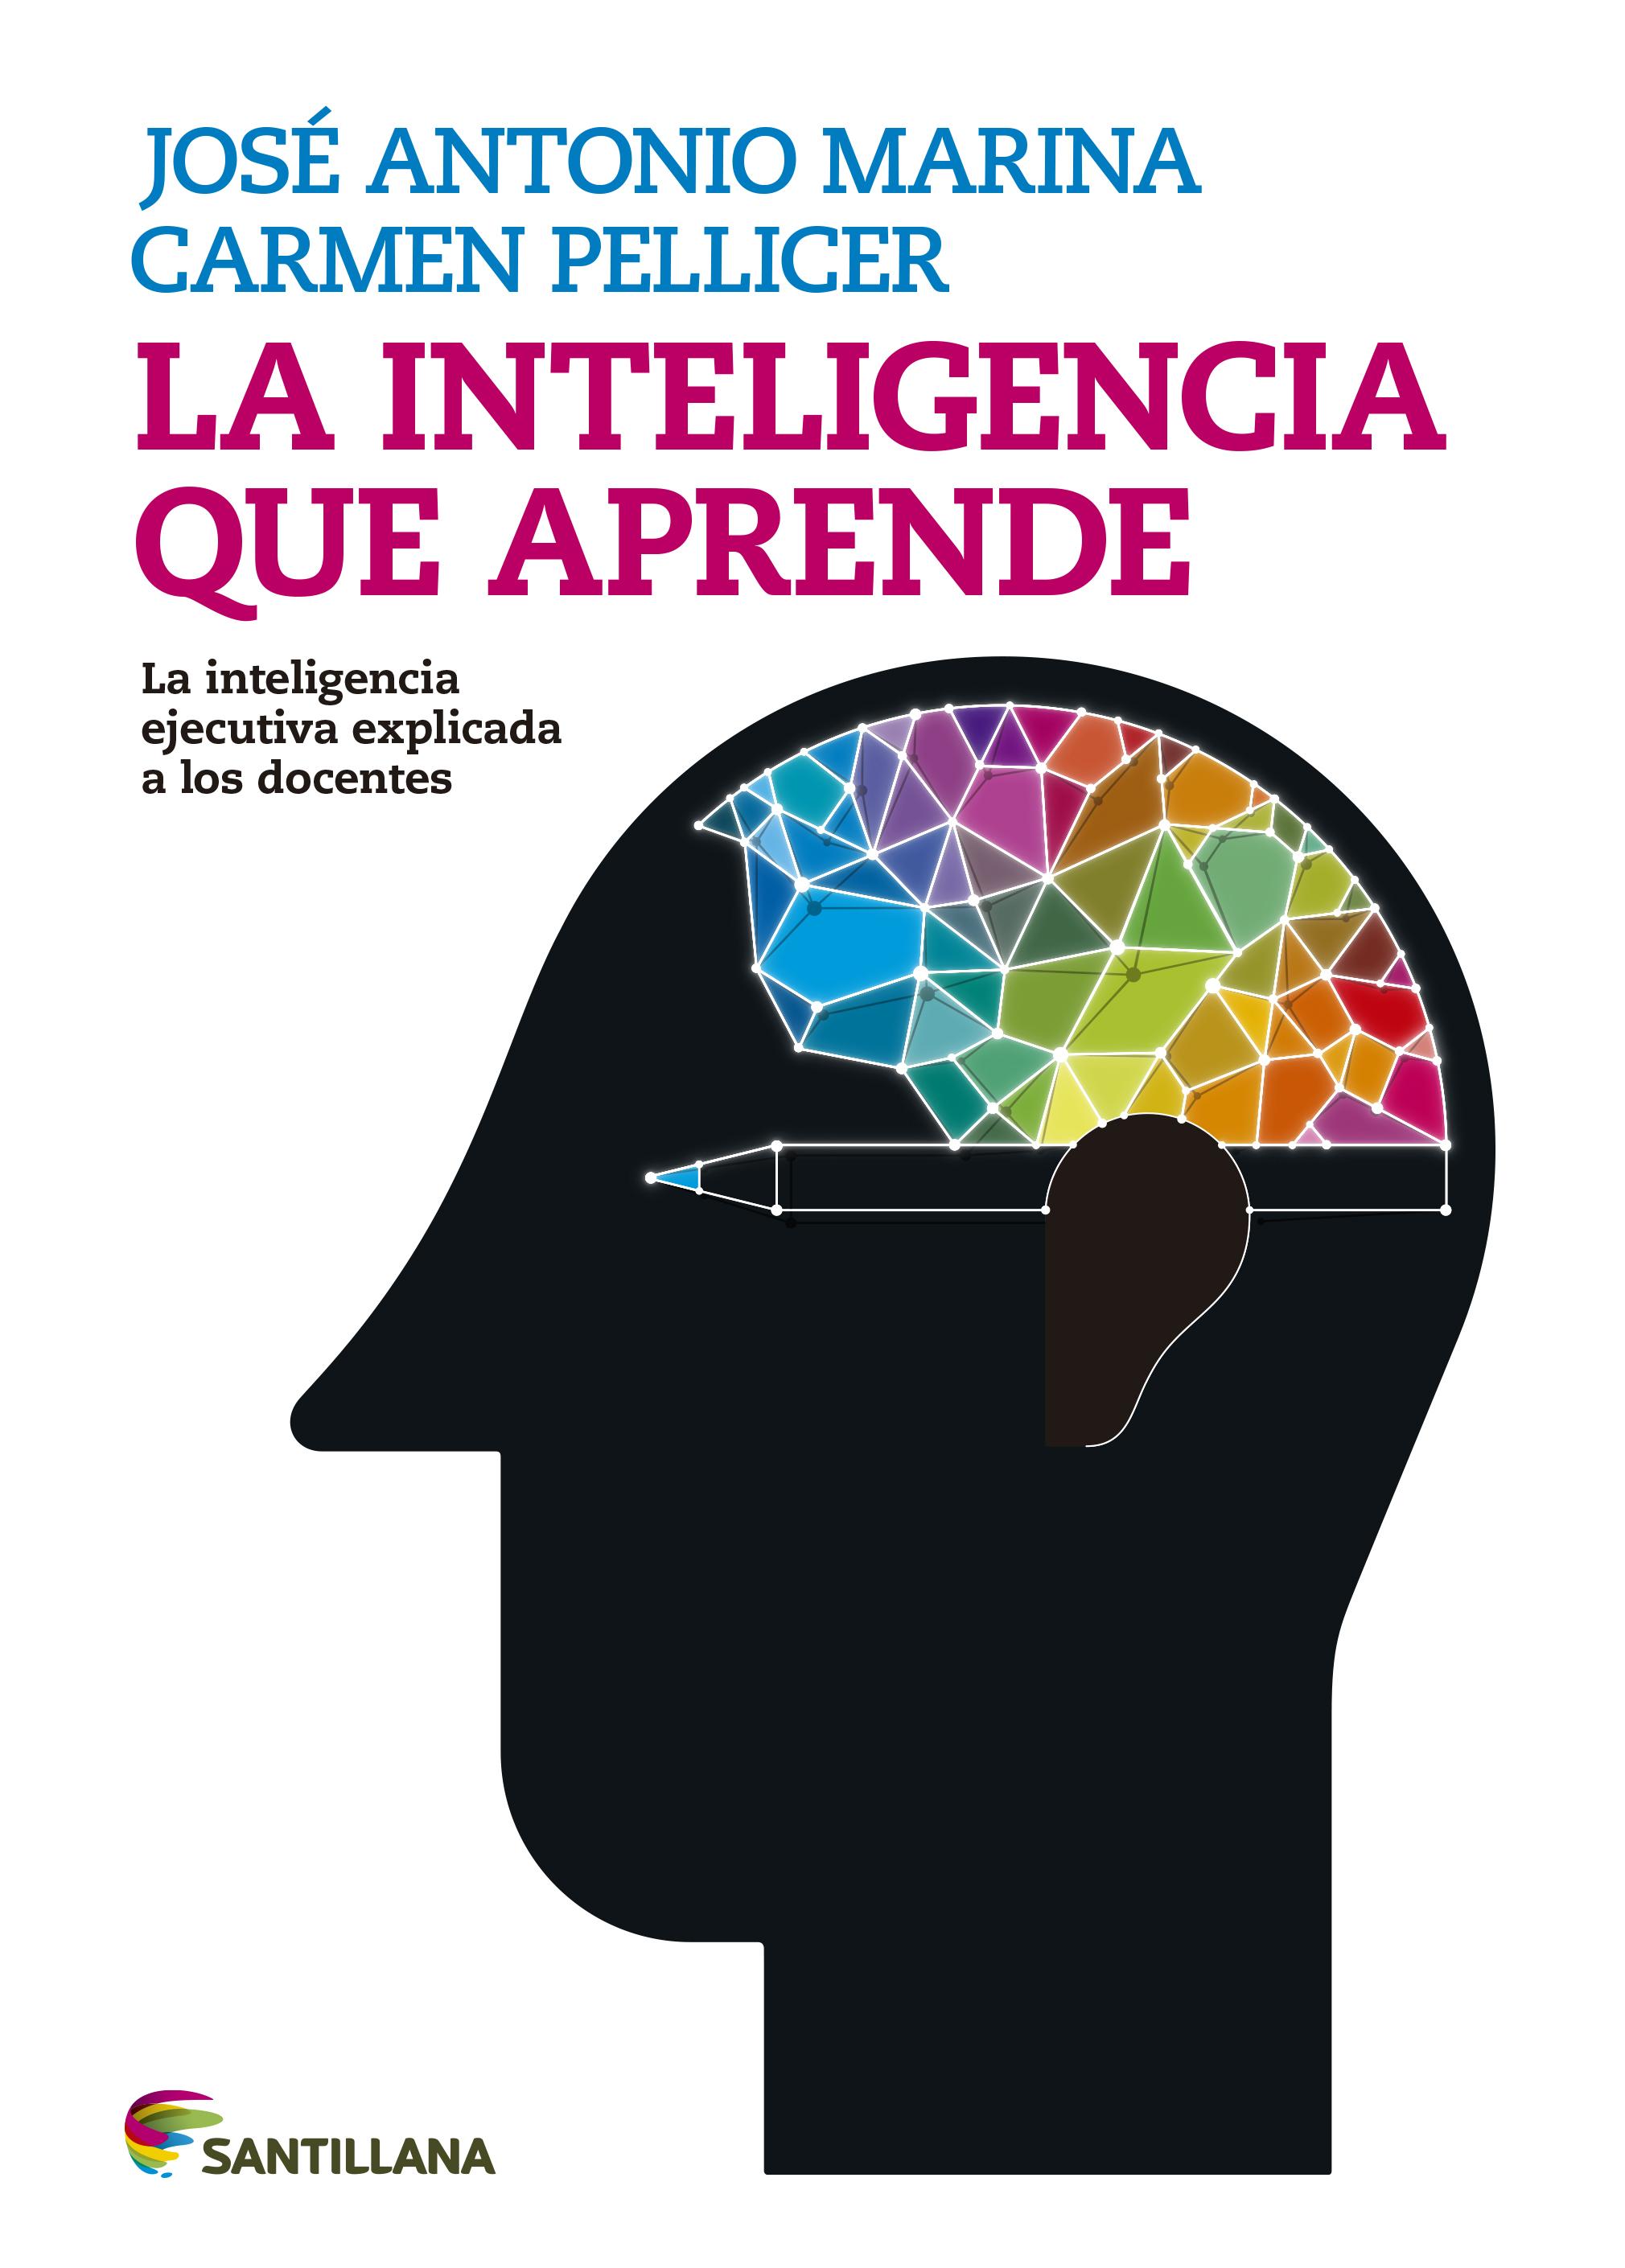 La Inteligencia Ejecutiva o hacia donde se dirigen los pasos de la innovación educativa